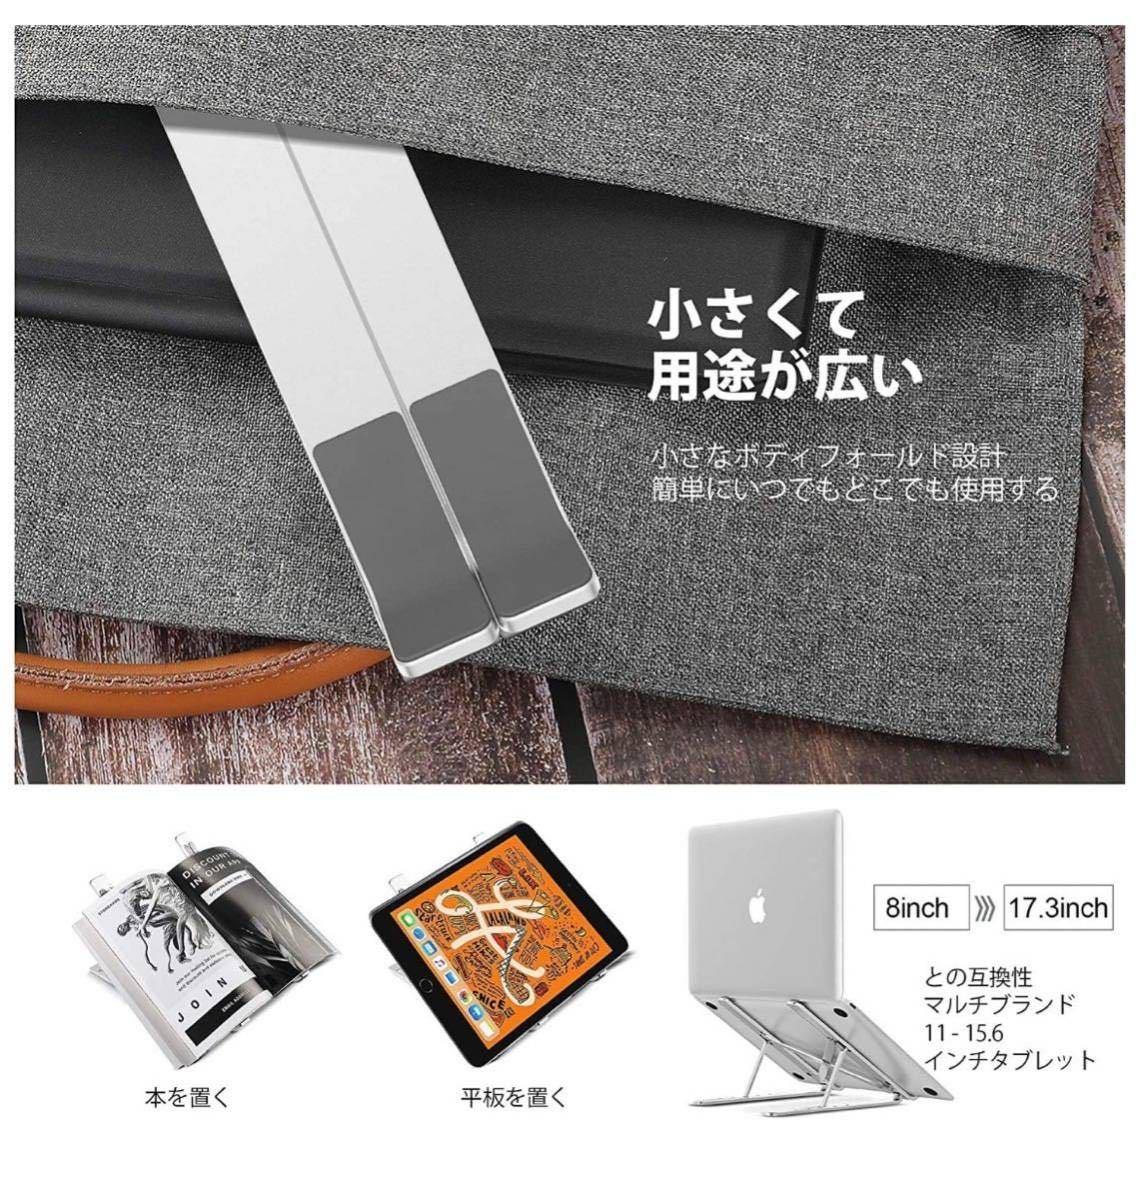 ノートパソコンスタンド 人間工学設計 PCスタンド 7段高さ調節可能 折りたたみ式 滑り止め アルミ合金製 優れた放熱性 軽量 8~17.3インチ